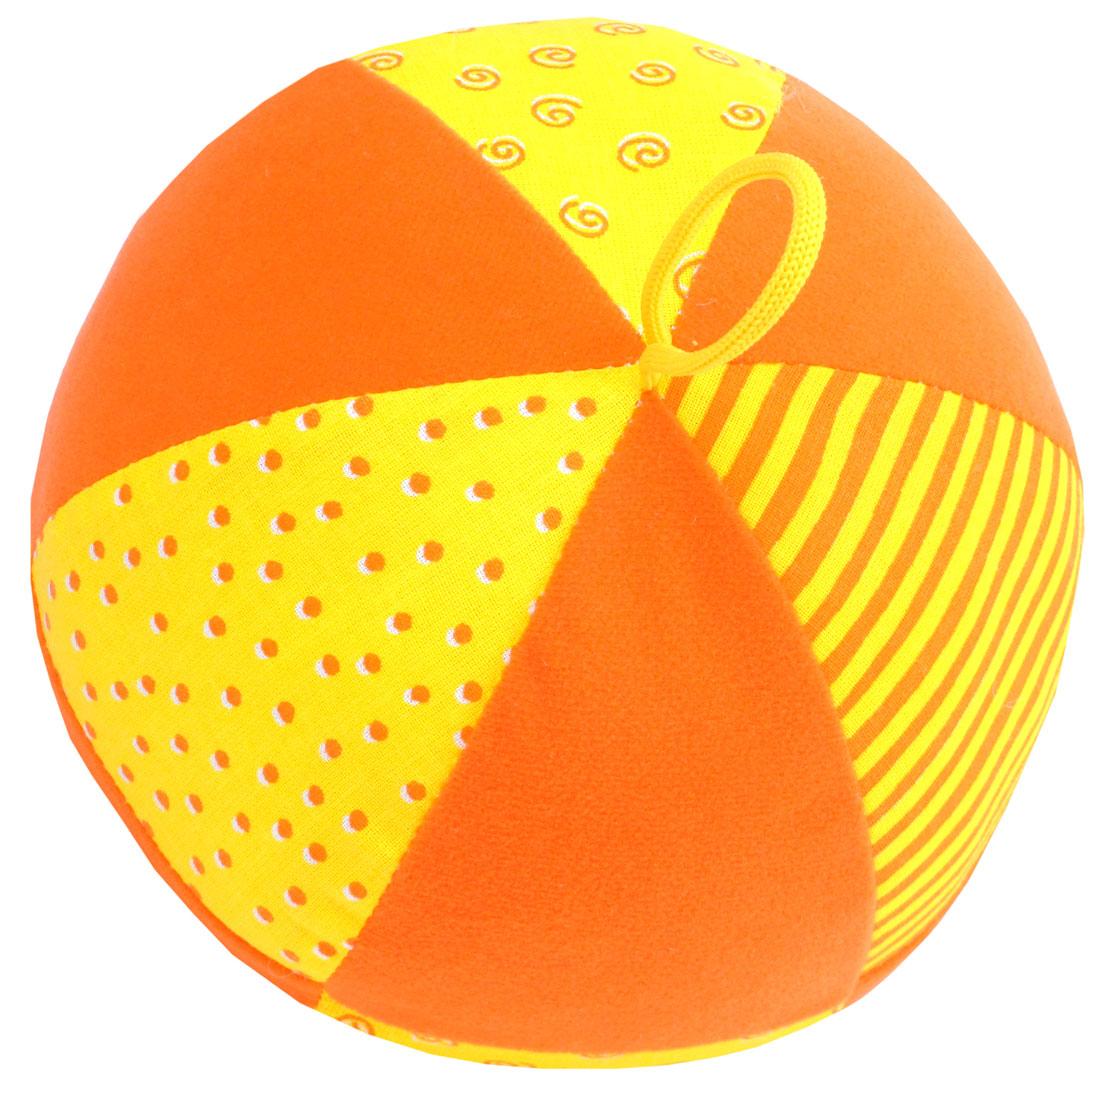 Мякиши Развивающая игрушка Веселый мячик342Яркий мягкий Весёлый мячик с погремушкой и петелькой для захвата в ассортименте. Изготовлен из разнофактурных тканей. Отлично подходит для развития мелкой и крупной моторики малыша. Удобный размер для обеих рук ребенка. Внутри погремушка с приятным звуком зёрнышек, и мягкий наполнитель. Хлопковые и трикотажные ткани — разные на ощупь и цвет: однотонные и разноцветные, с мелким рисунком и в полоску